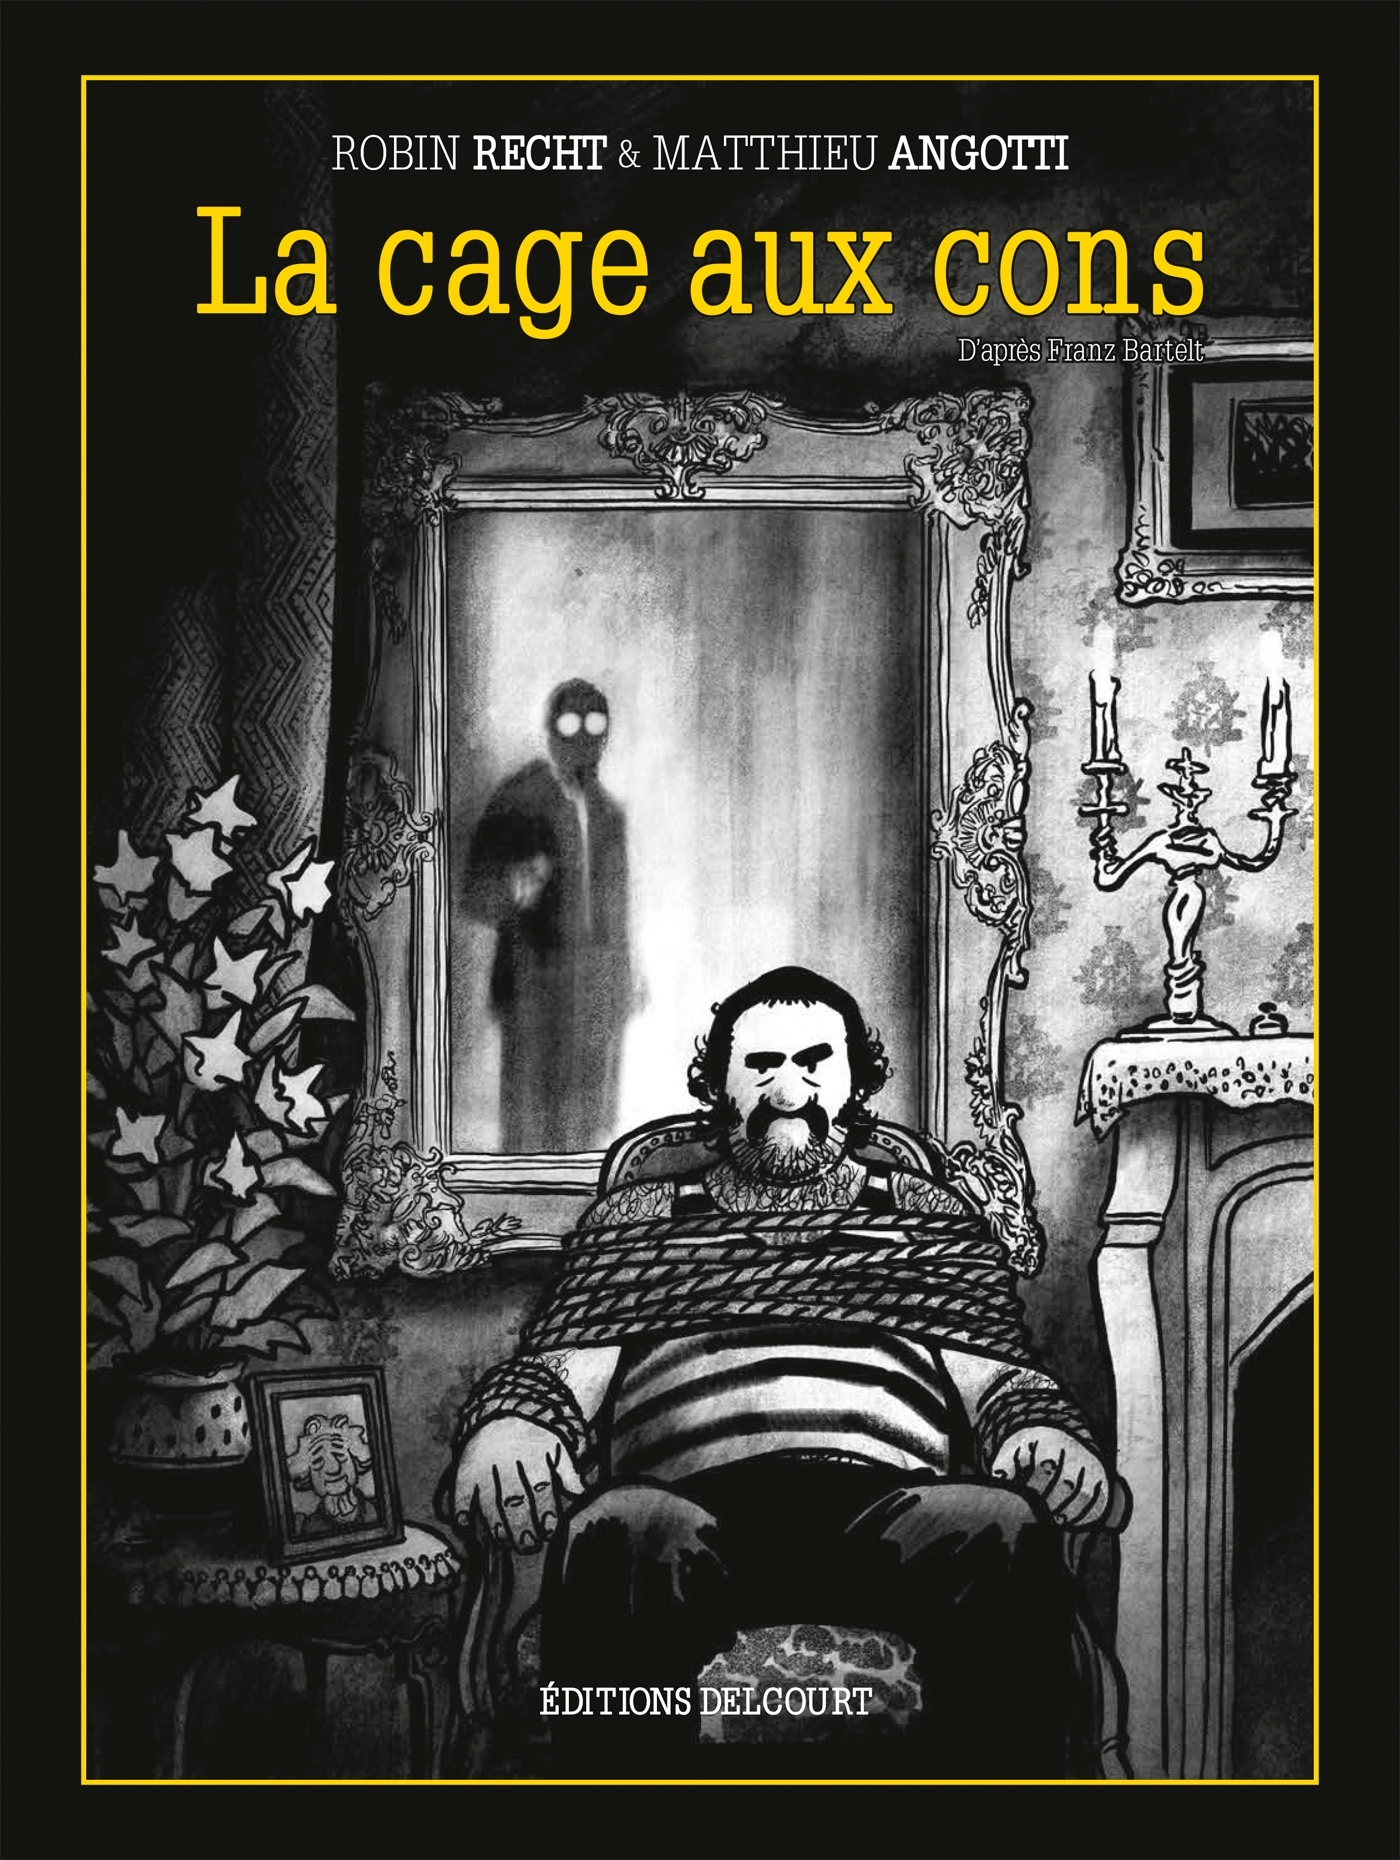 LA CAGE AUX CONS - ONE-SHOT - LA CAGE AUX CONS